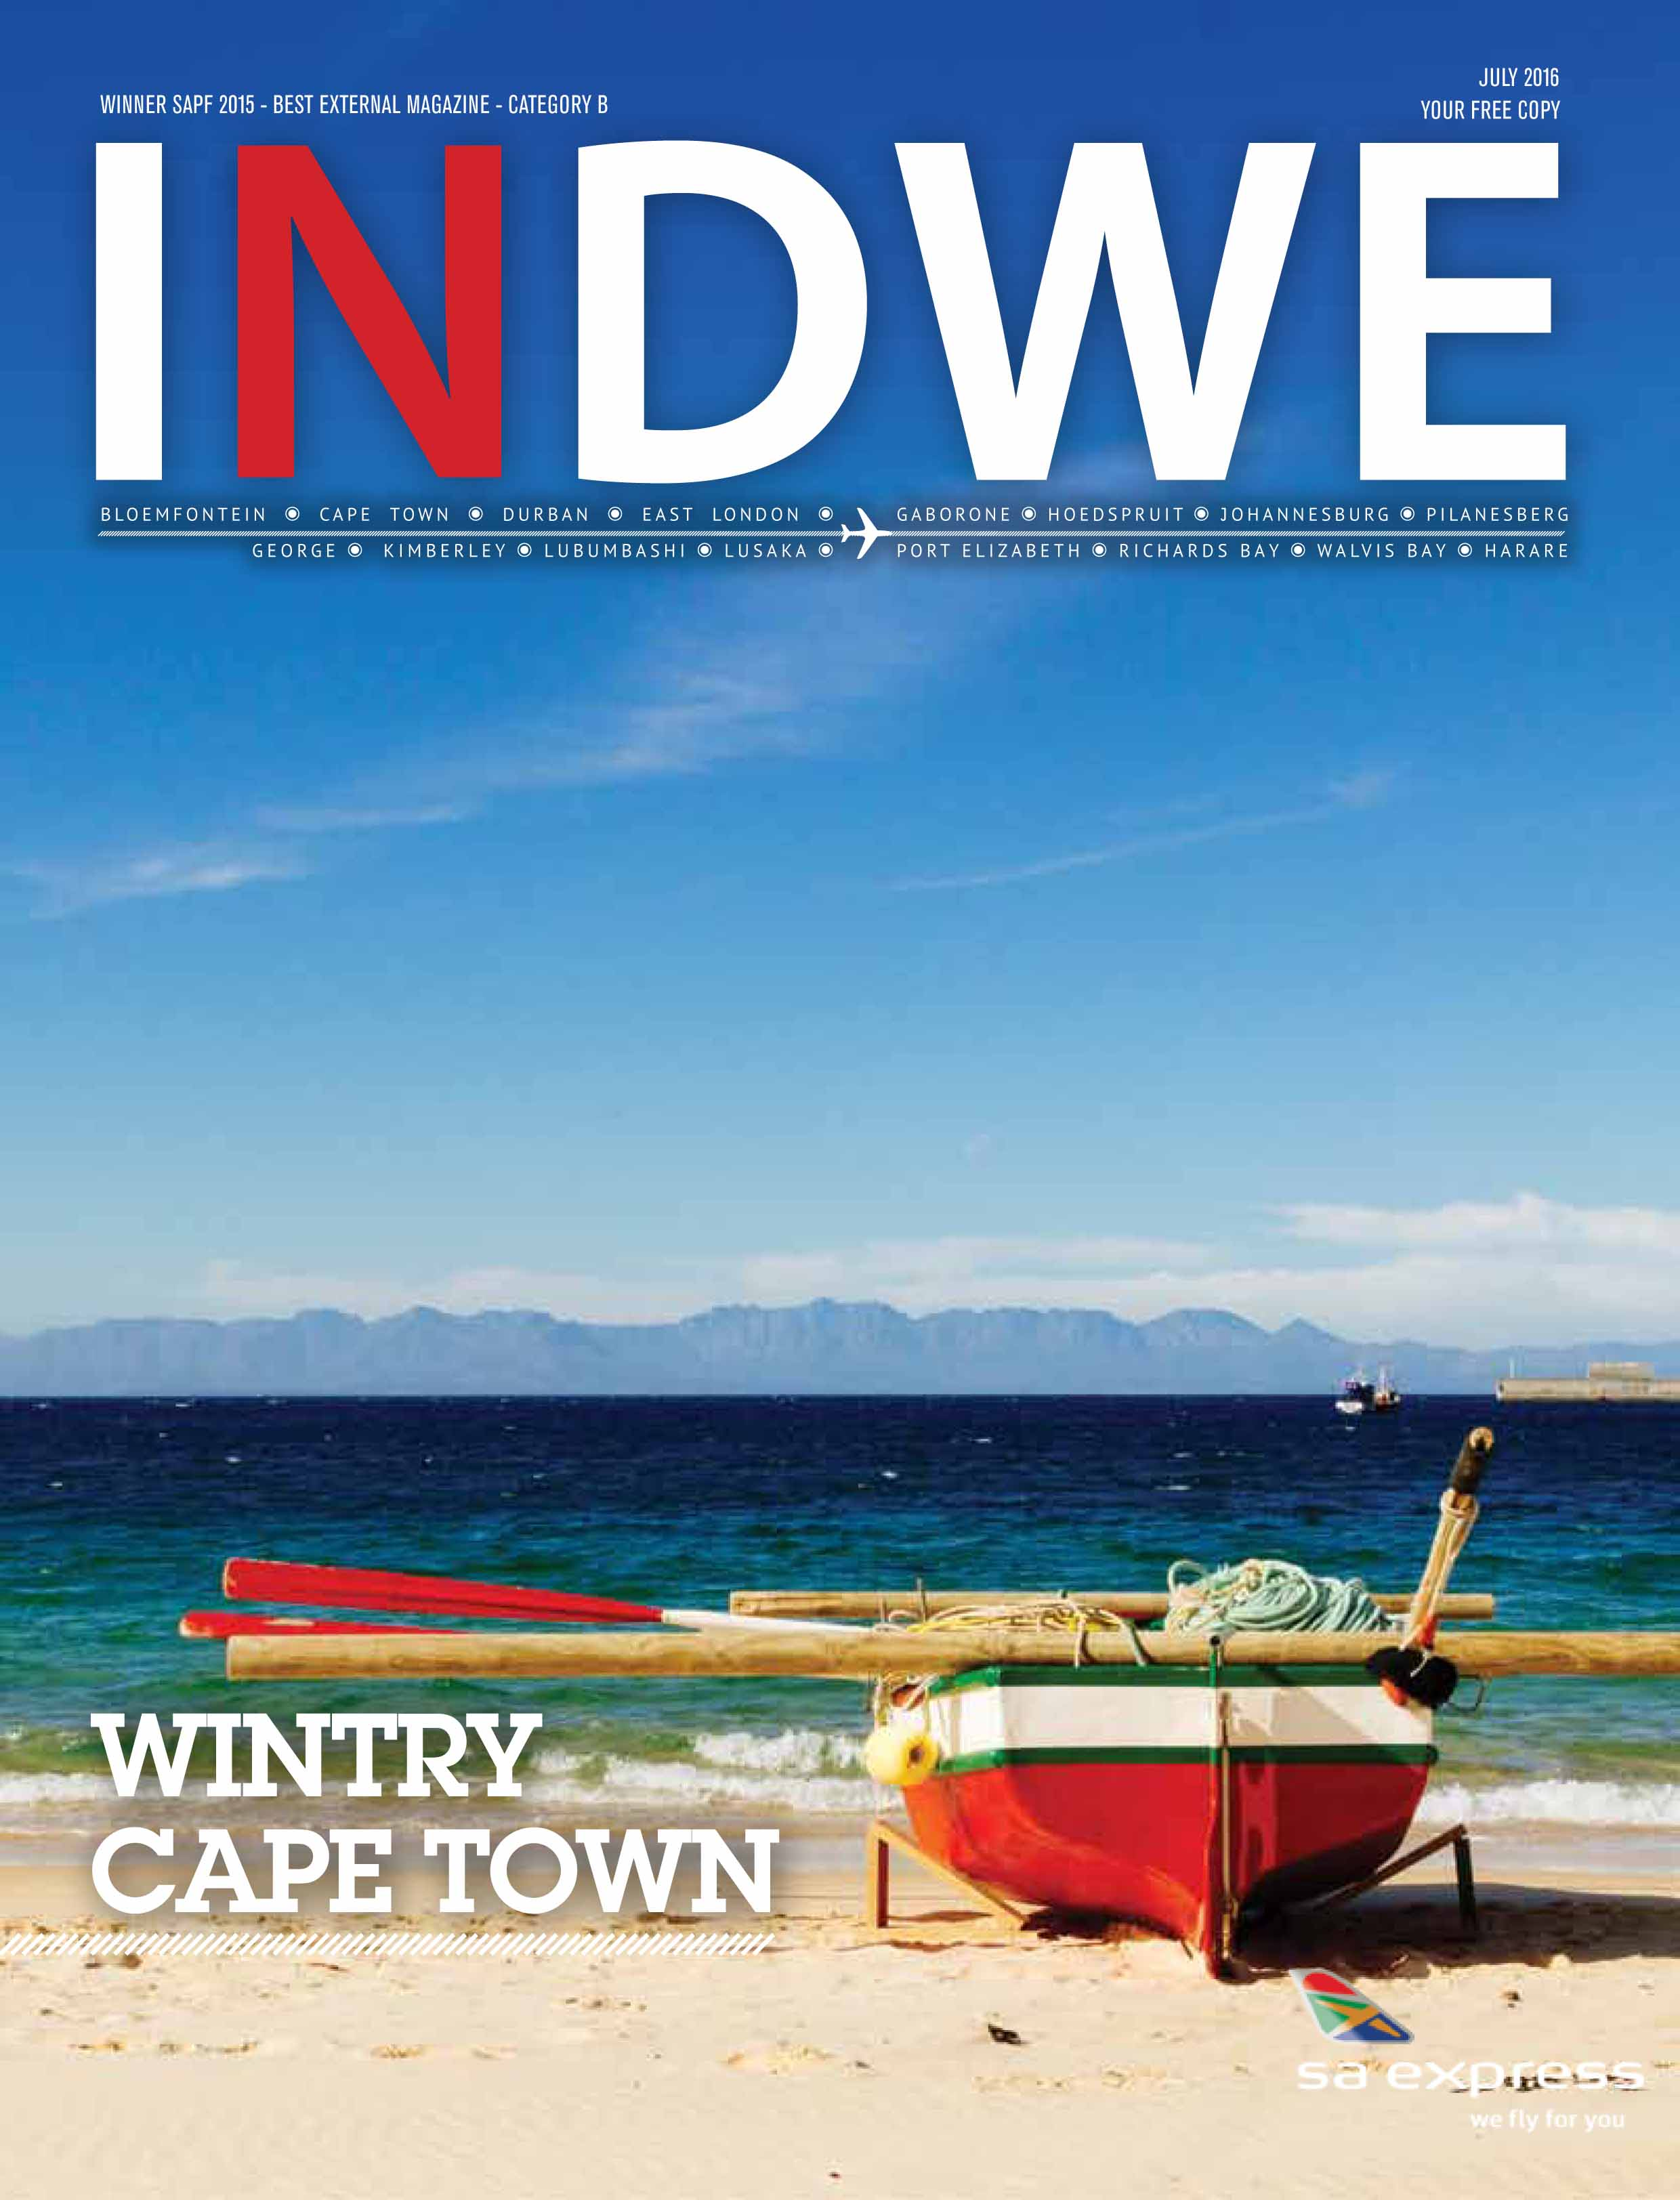 Indwe, July 2016